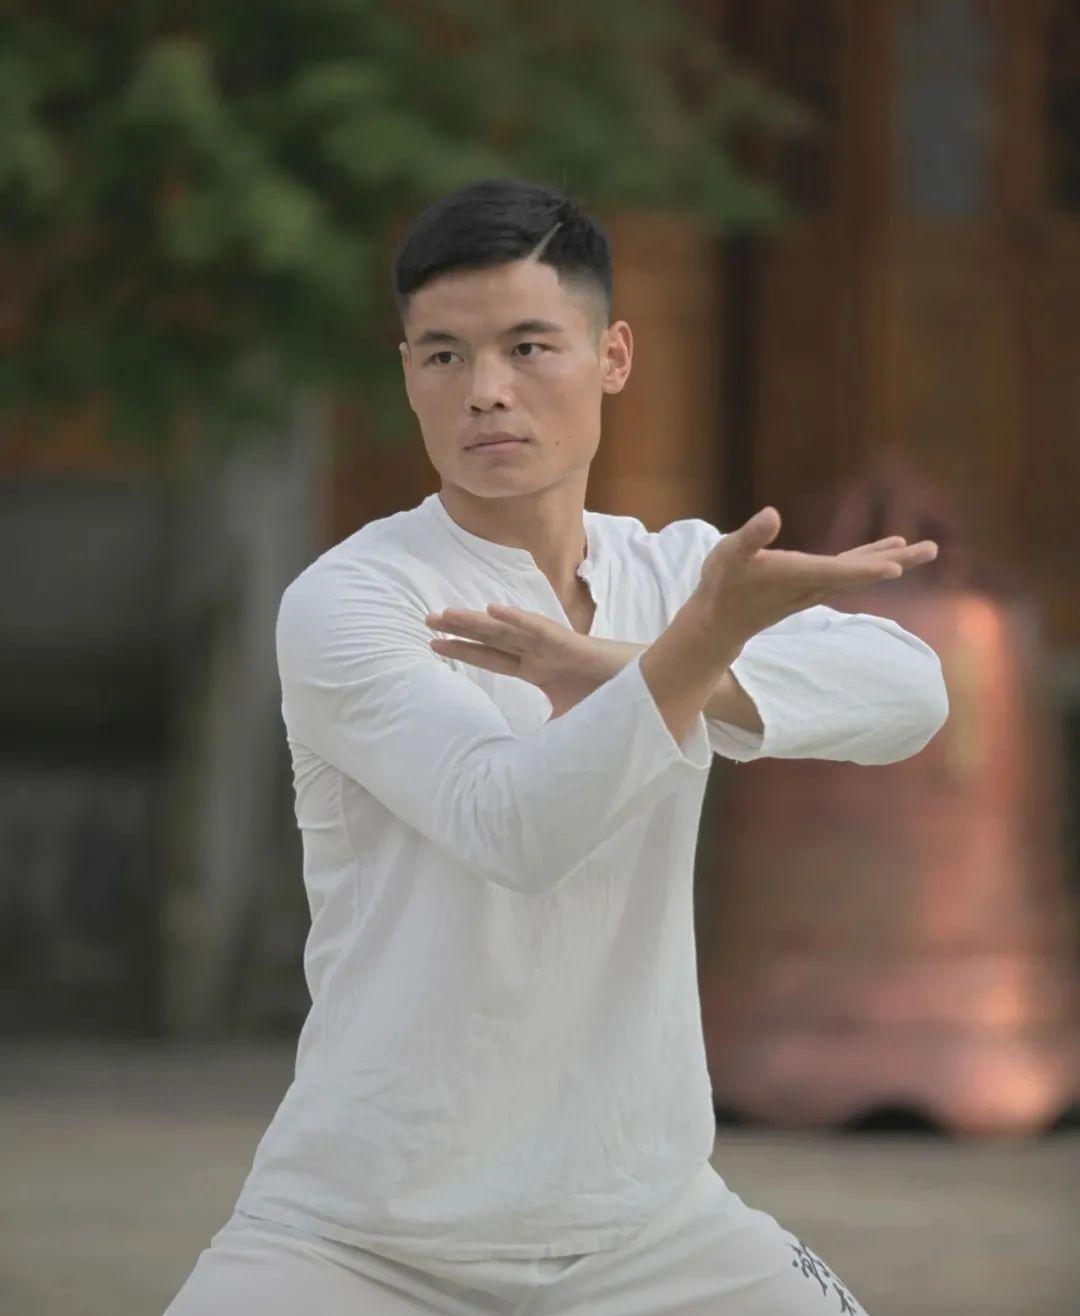 太极申遗成功意义重大,韩飞龙身价倍增,望成中国体坛新一代偶像